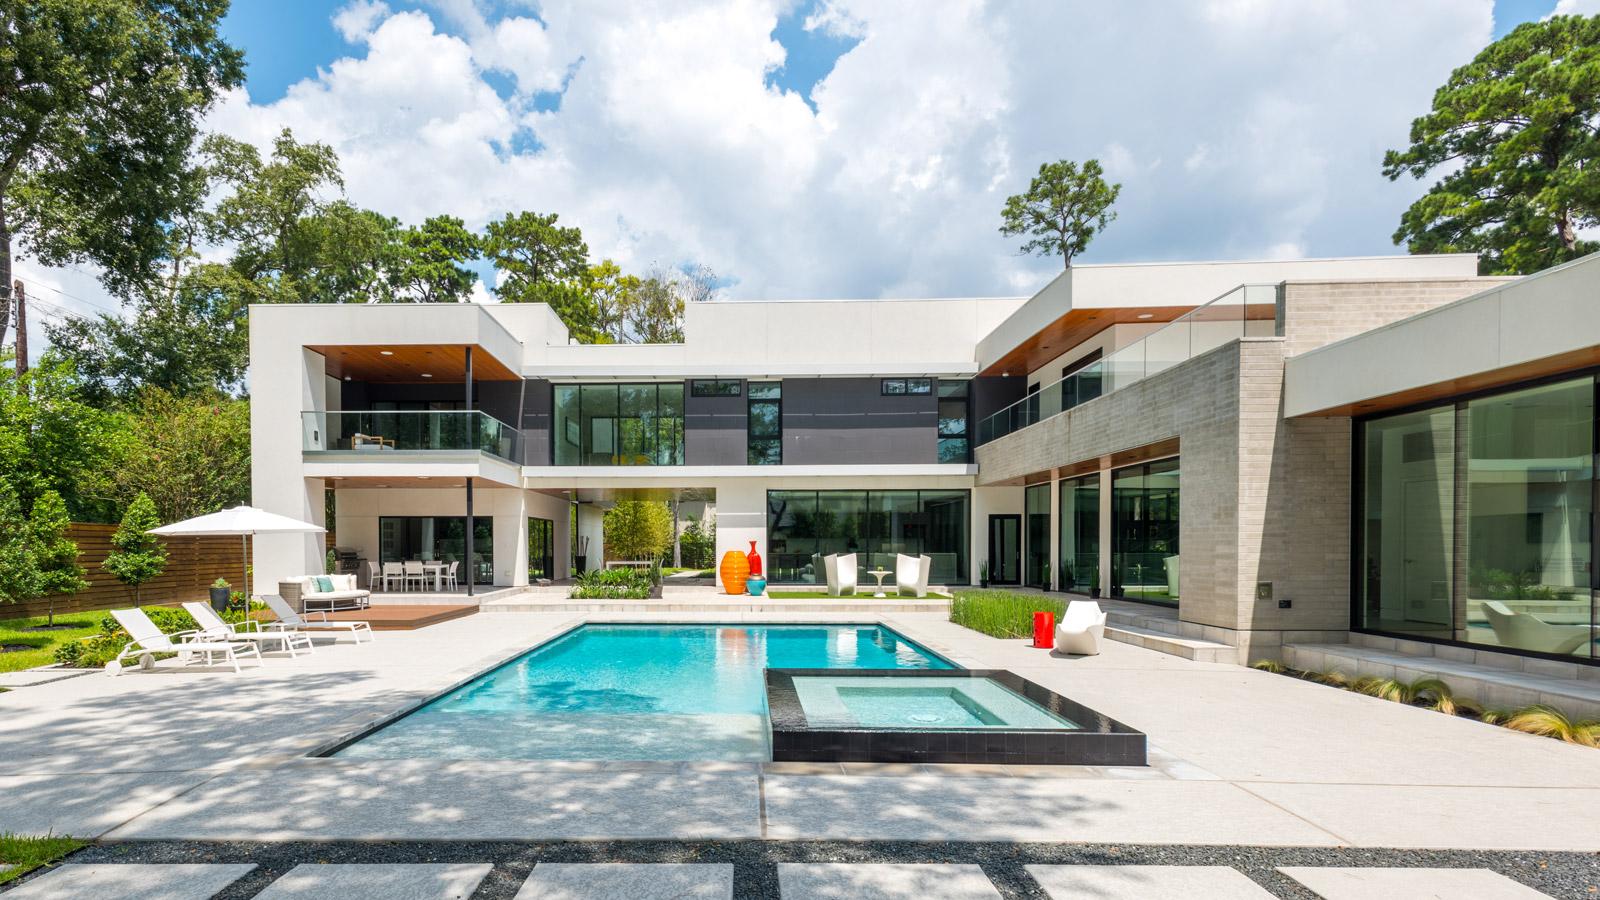 51_shrader-residence